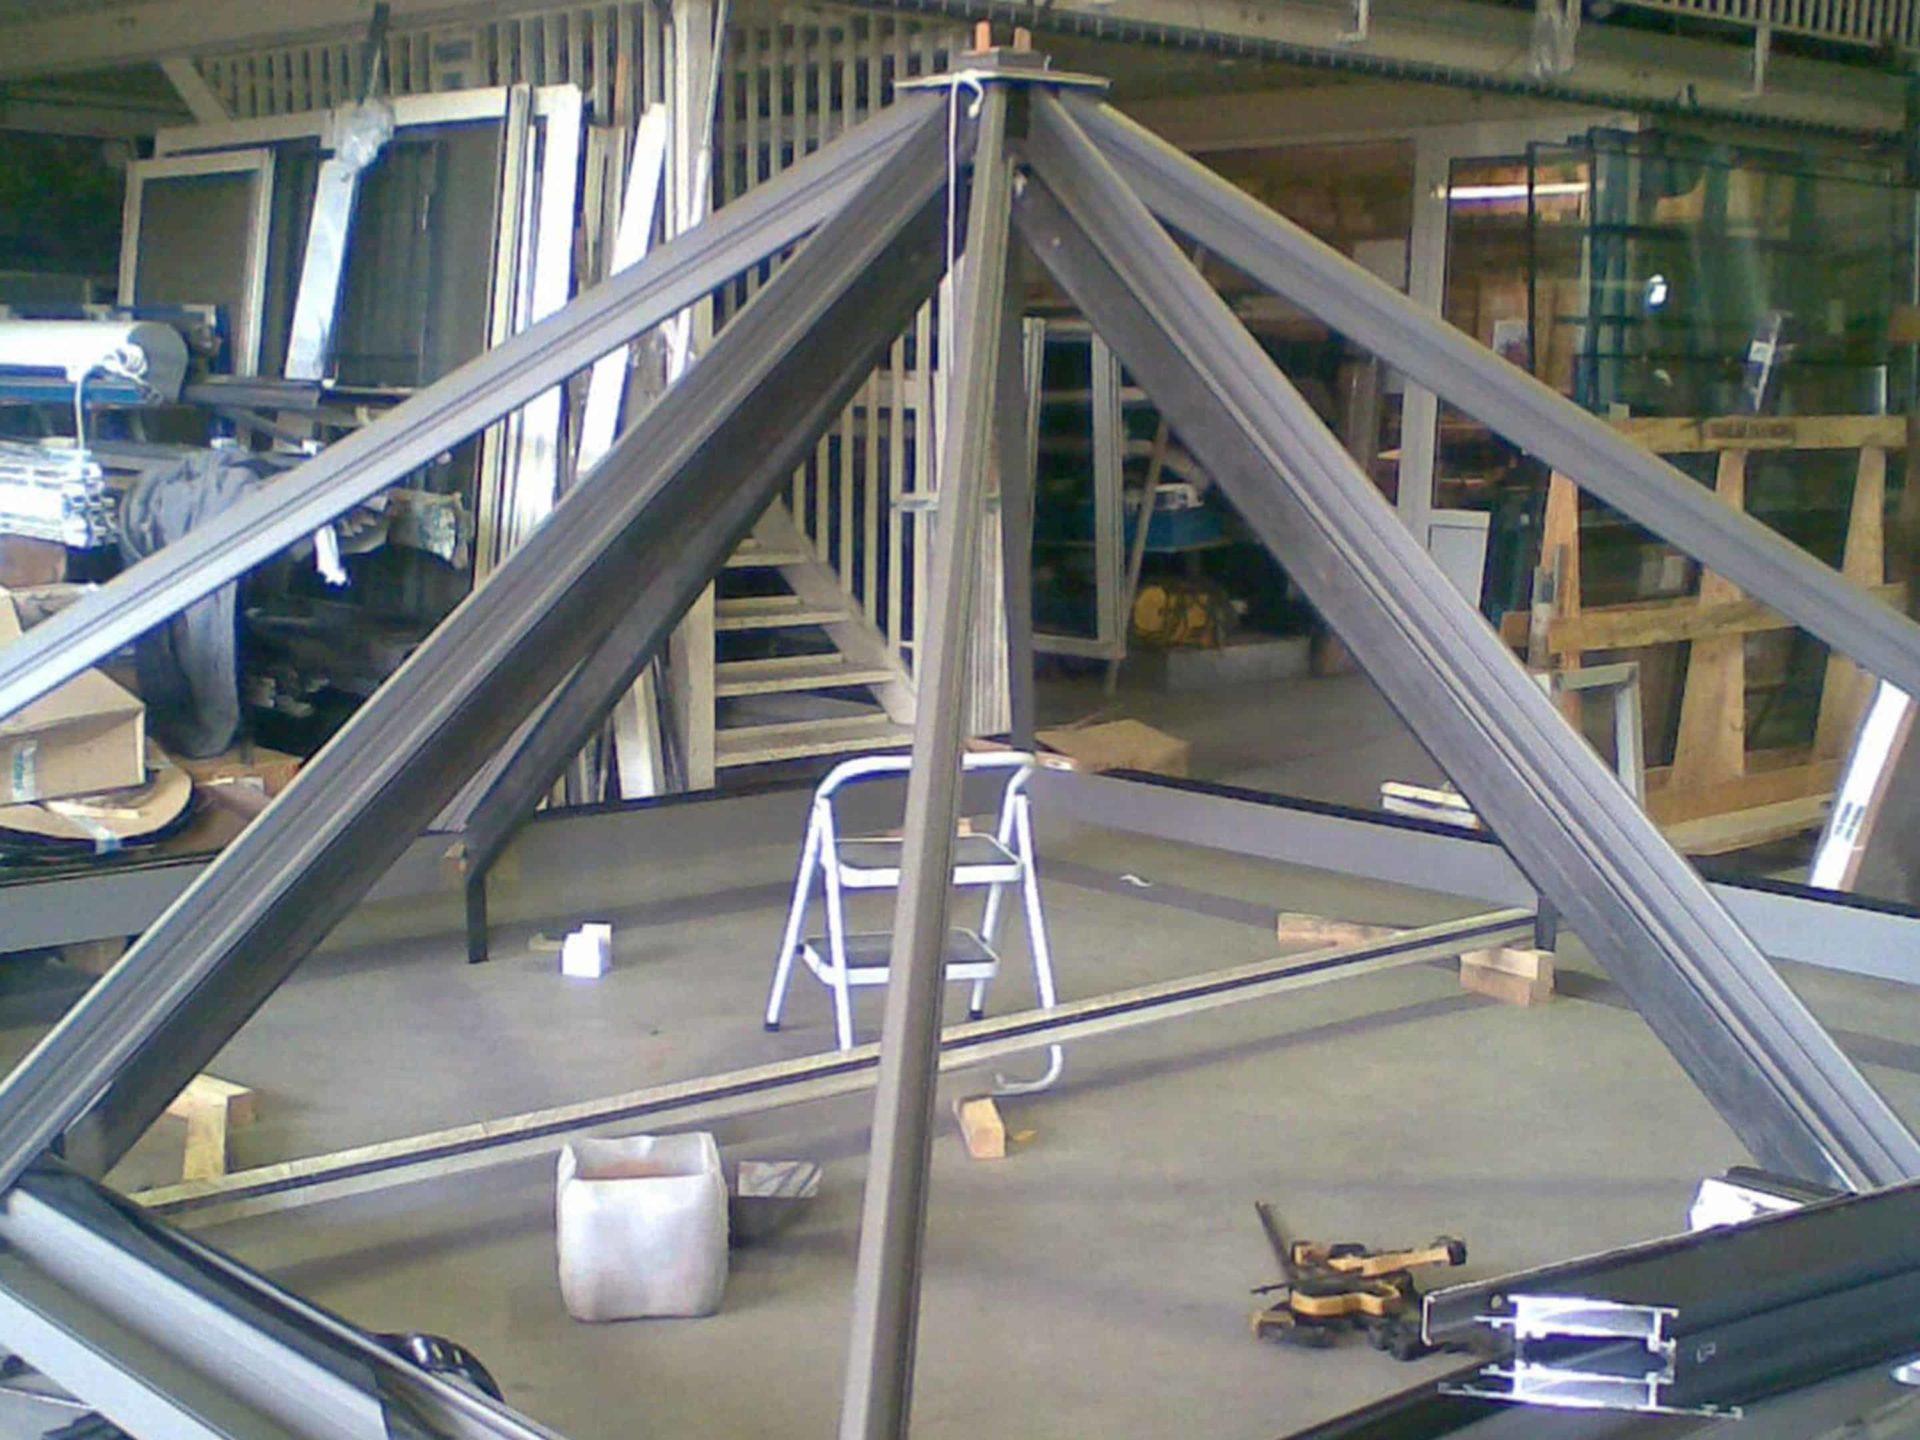 Réalisation d'une verrière dans nos ateliers catalver à sollies-pont